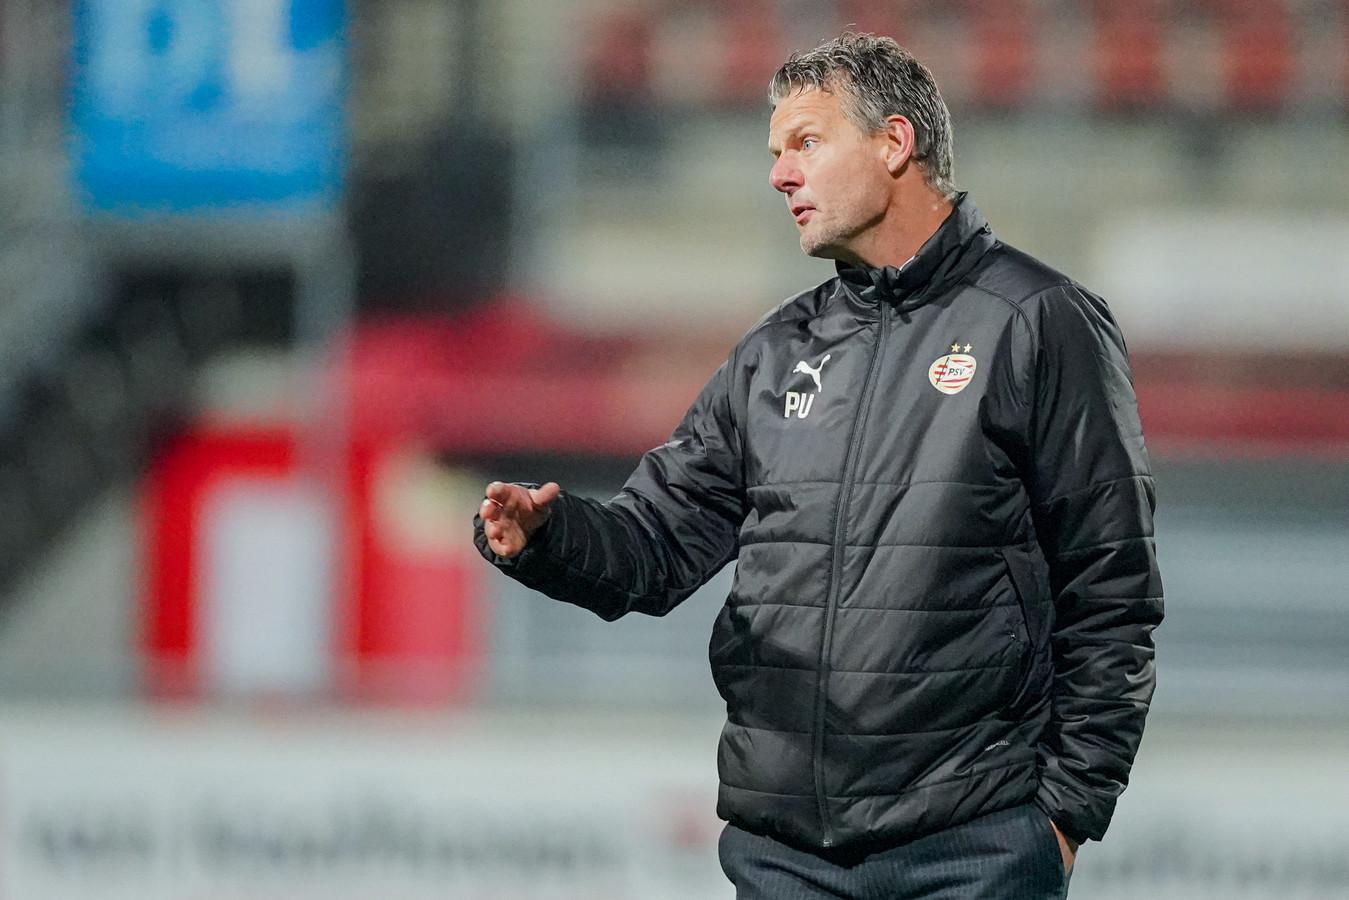 Peter Uneken moest van scheidsrechter Laurens Gerrets in het duel met MVV naar de tribune.